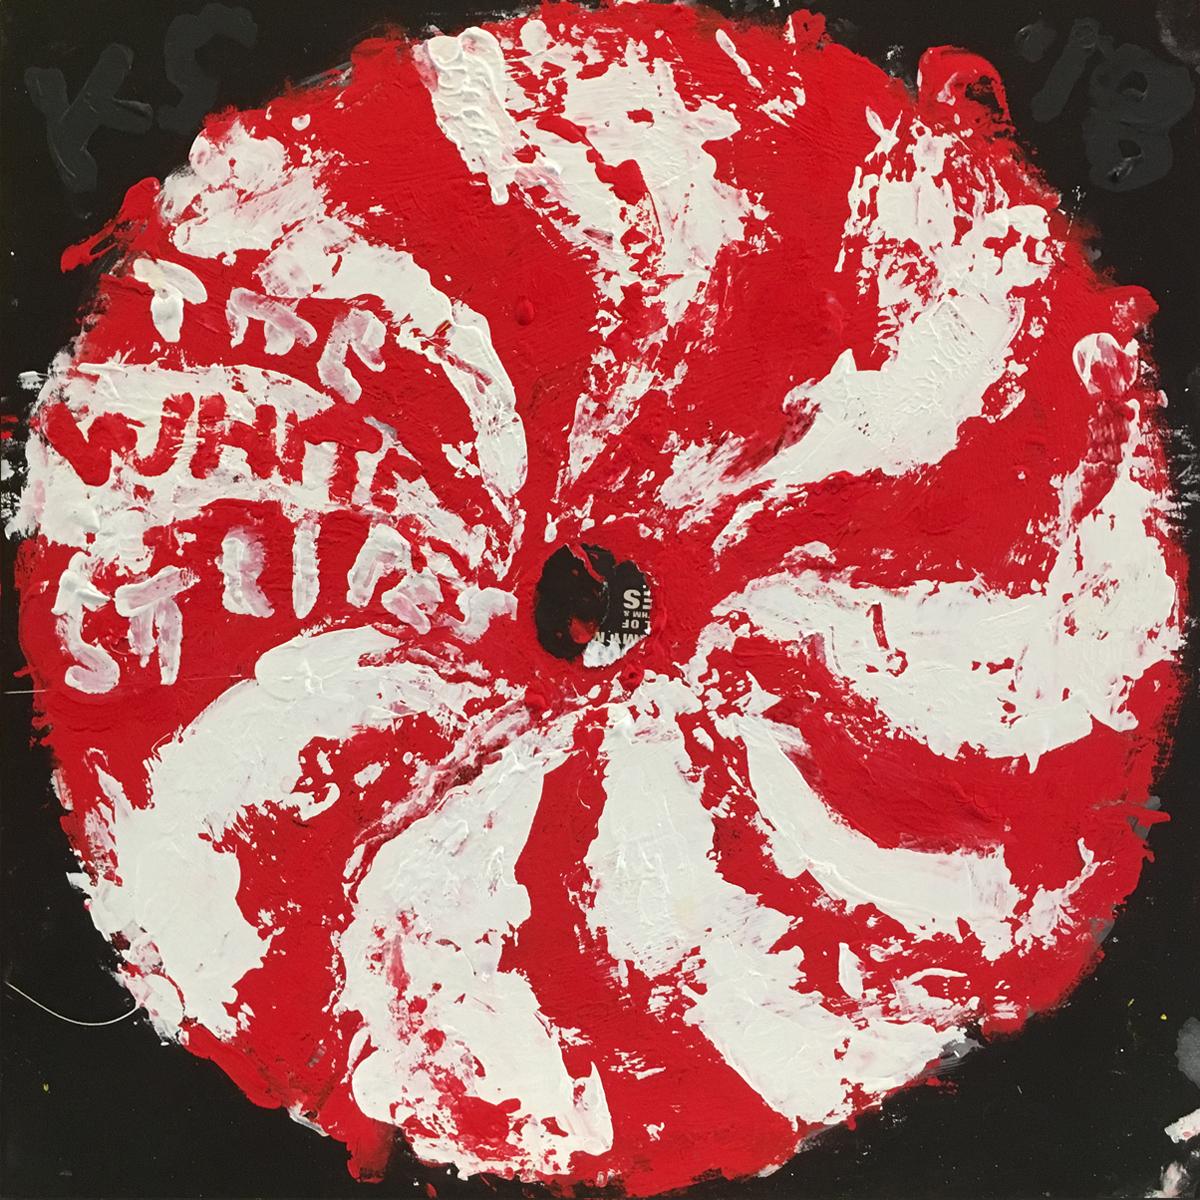 The White Stripes #2